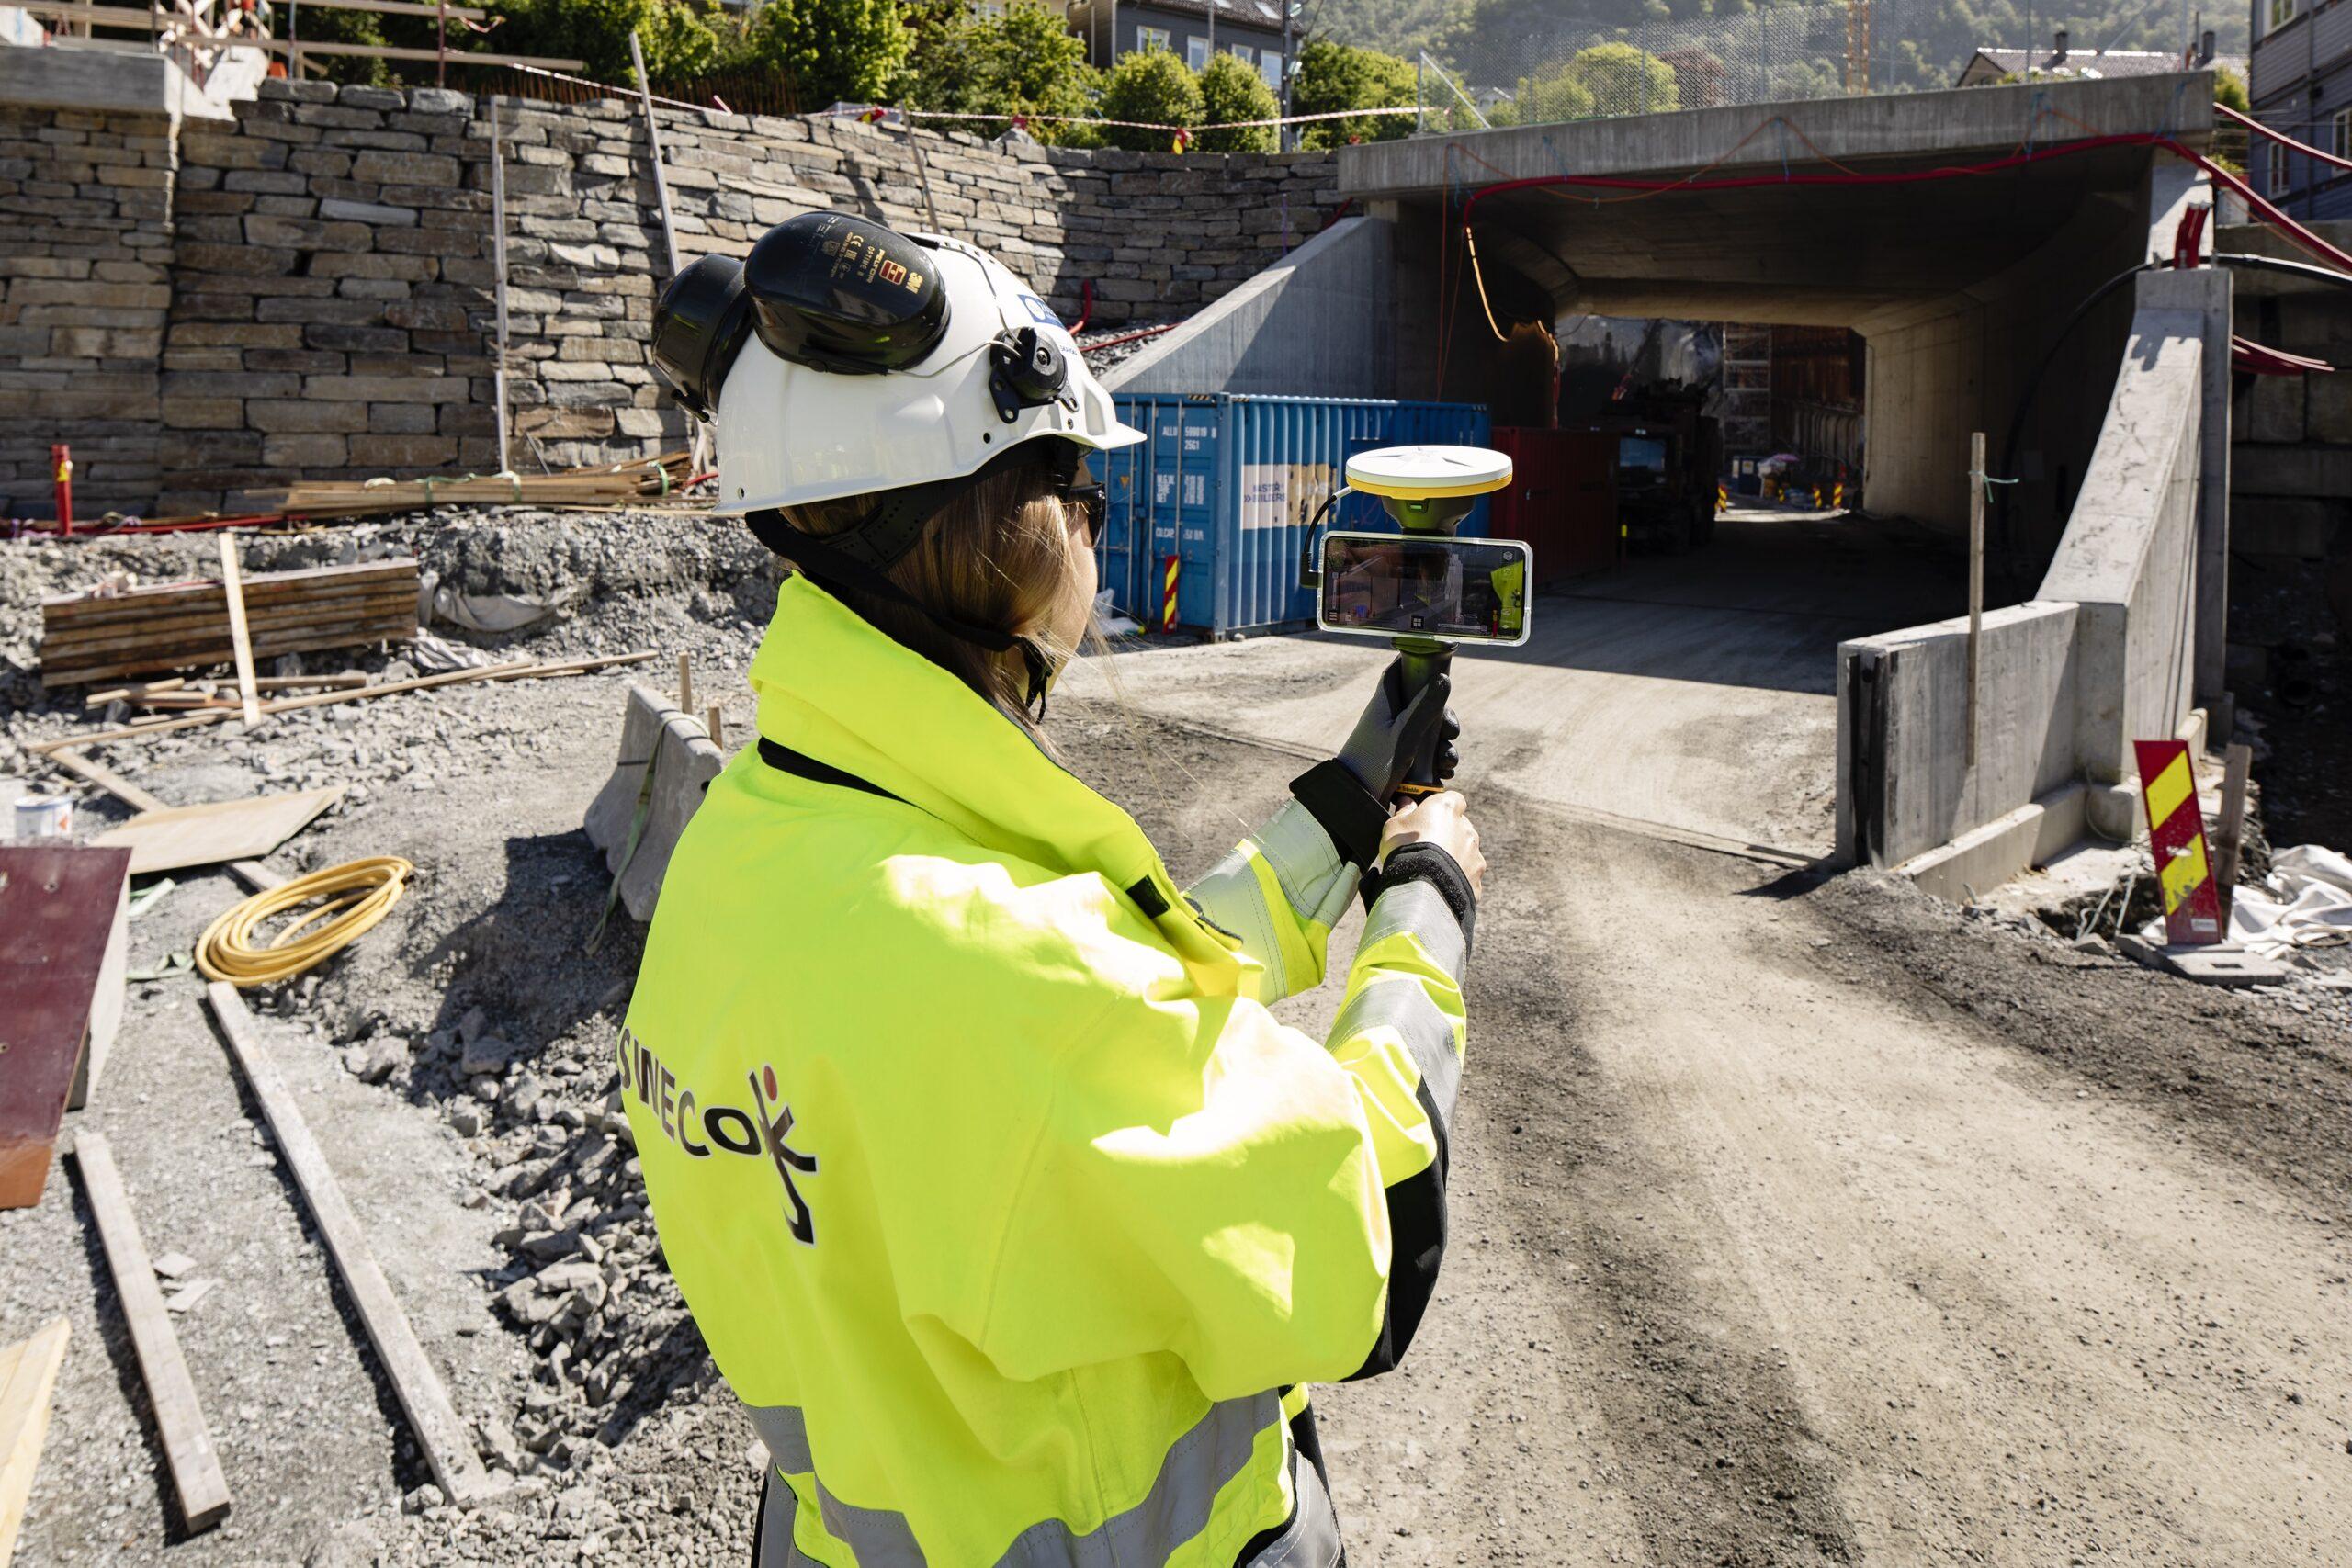 Astrid greve rokne, gjennomfører digital befaring via iphone på byggeplass